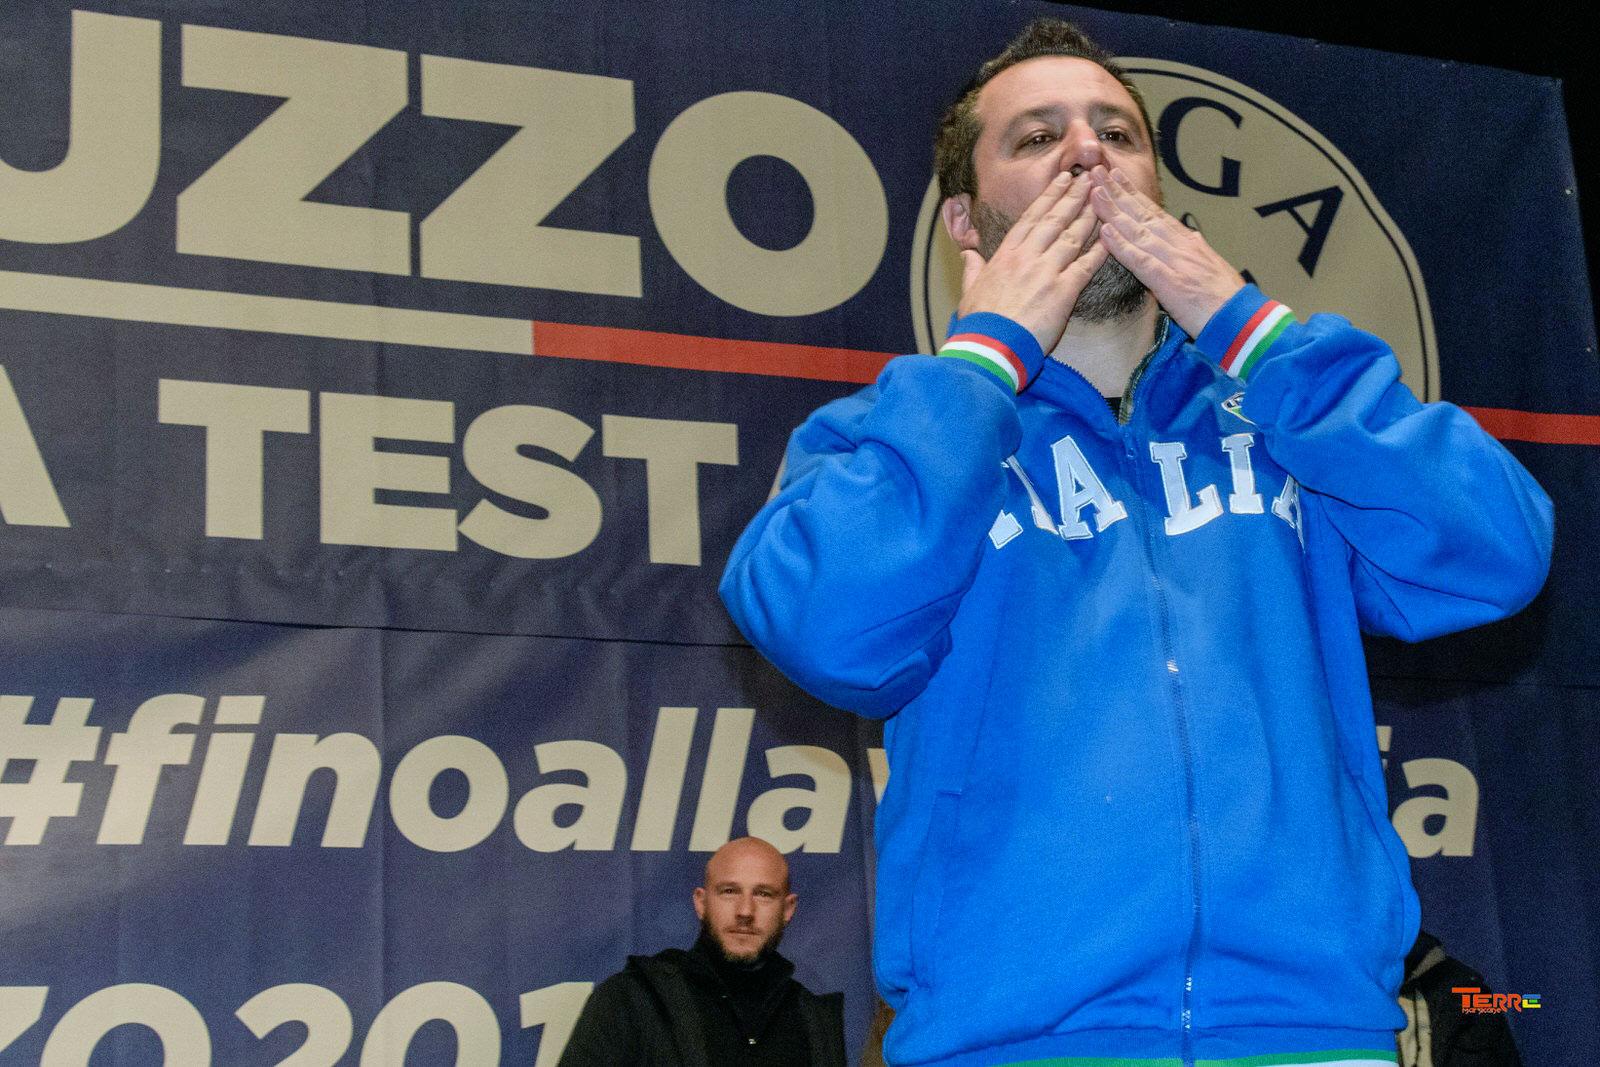 """Applausi e tifo da stadio per il discorso Matteo Salvini ad Avezzano, """"se ne avessi darei tutto a tutti ma se non ho penso ai miei"""" - Marsilio, ricostruire l'Abruzzo """"Il Tribunale non chiuderà, e L'Ospedale è il più pericoloso D'italia per la sua struttura"""""""